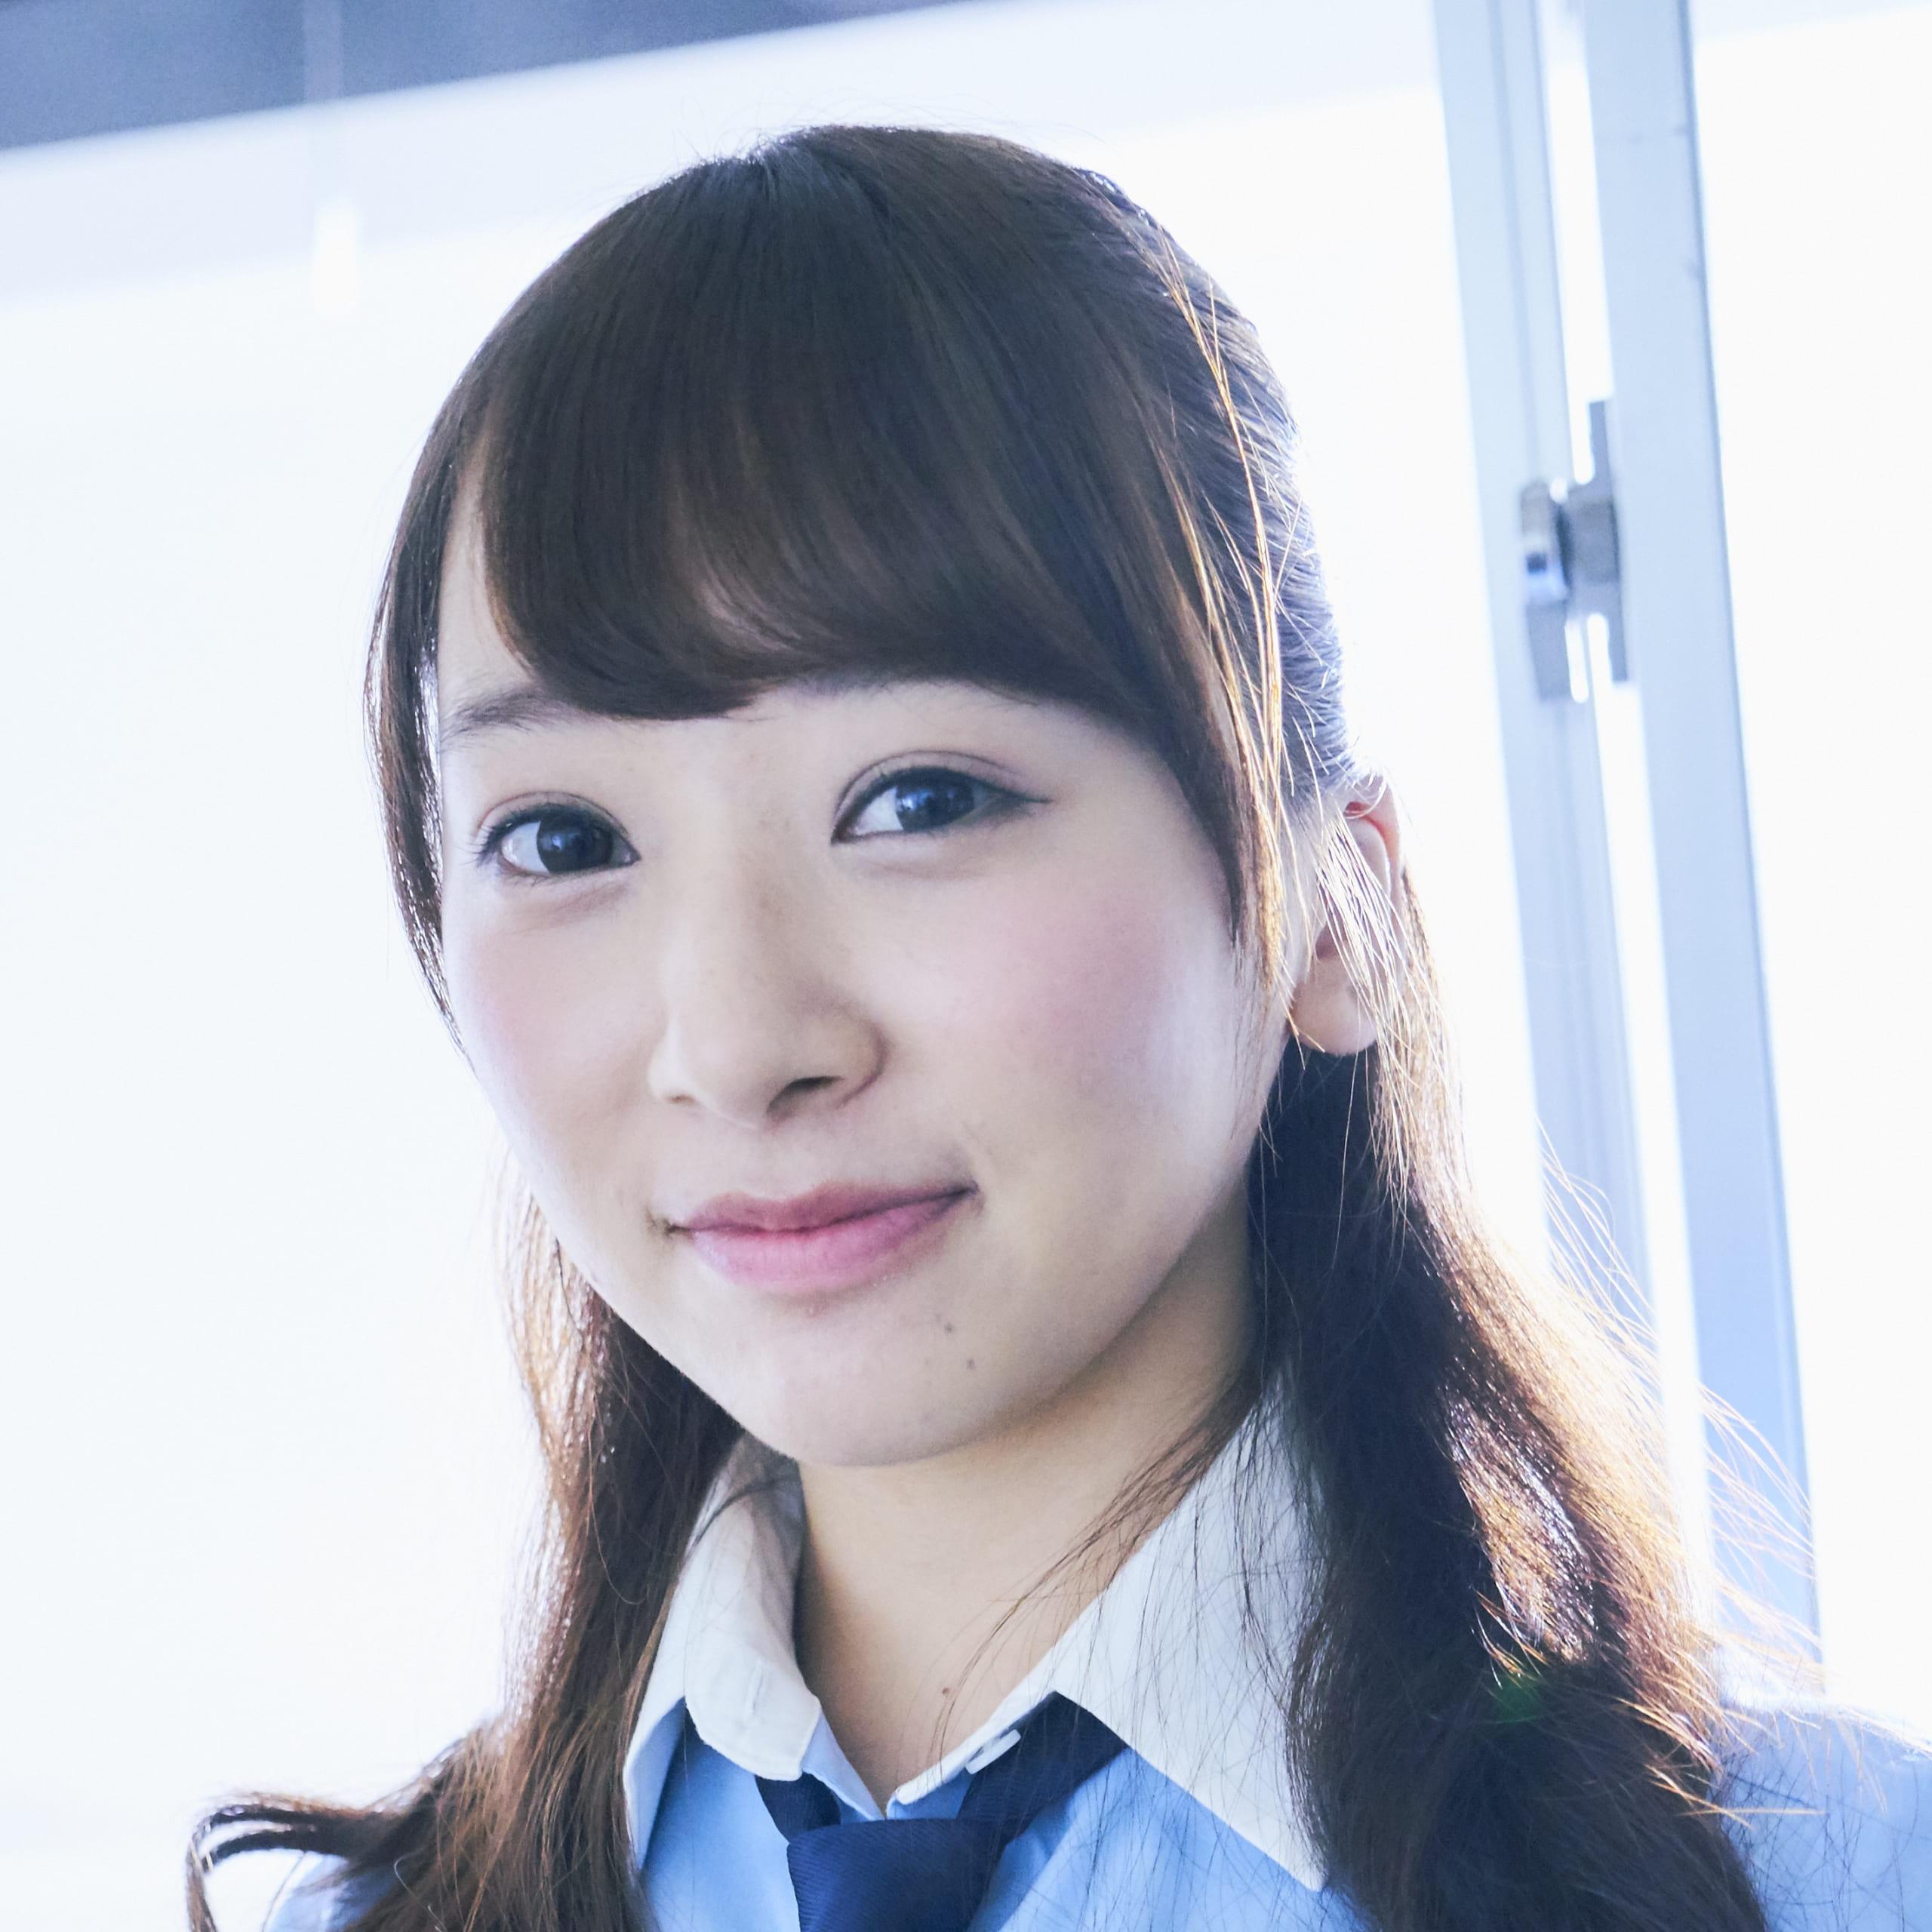 欅坂46・佐藤詩織さん<br />「仲間を疑うなんてやめて!」<br />